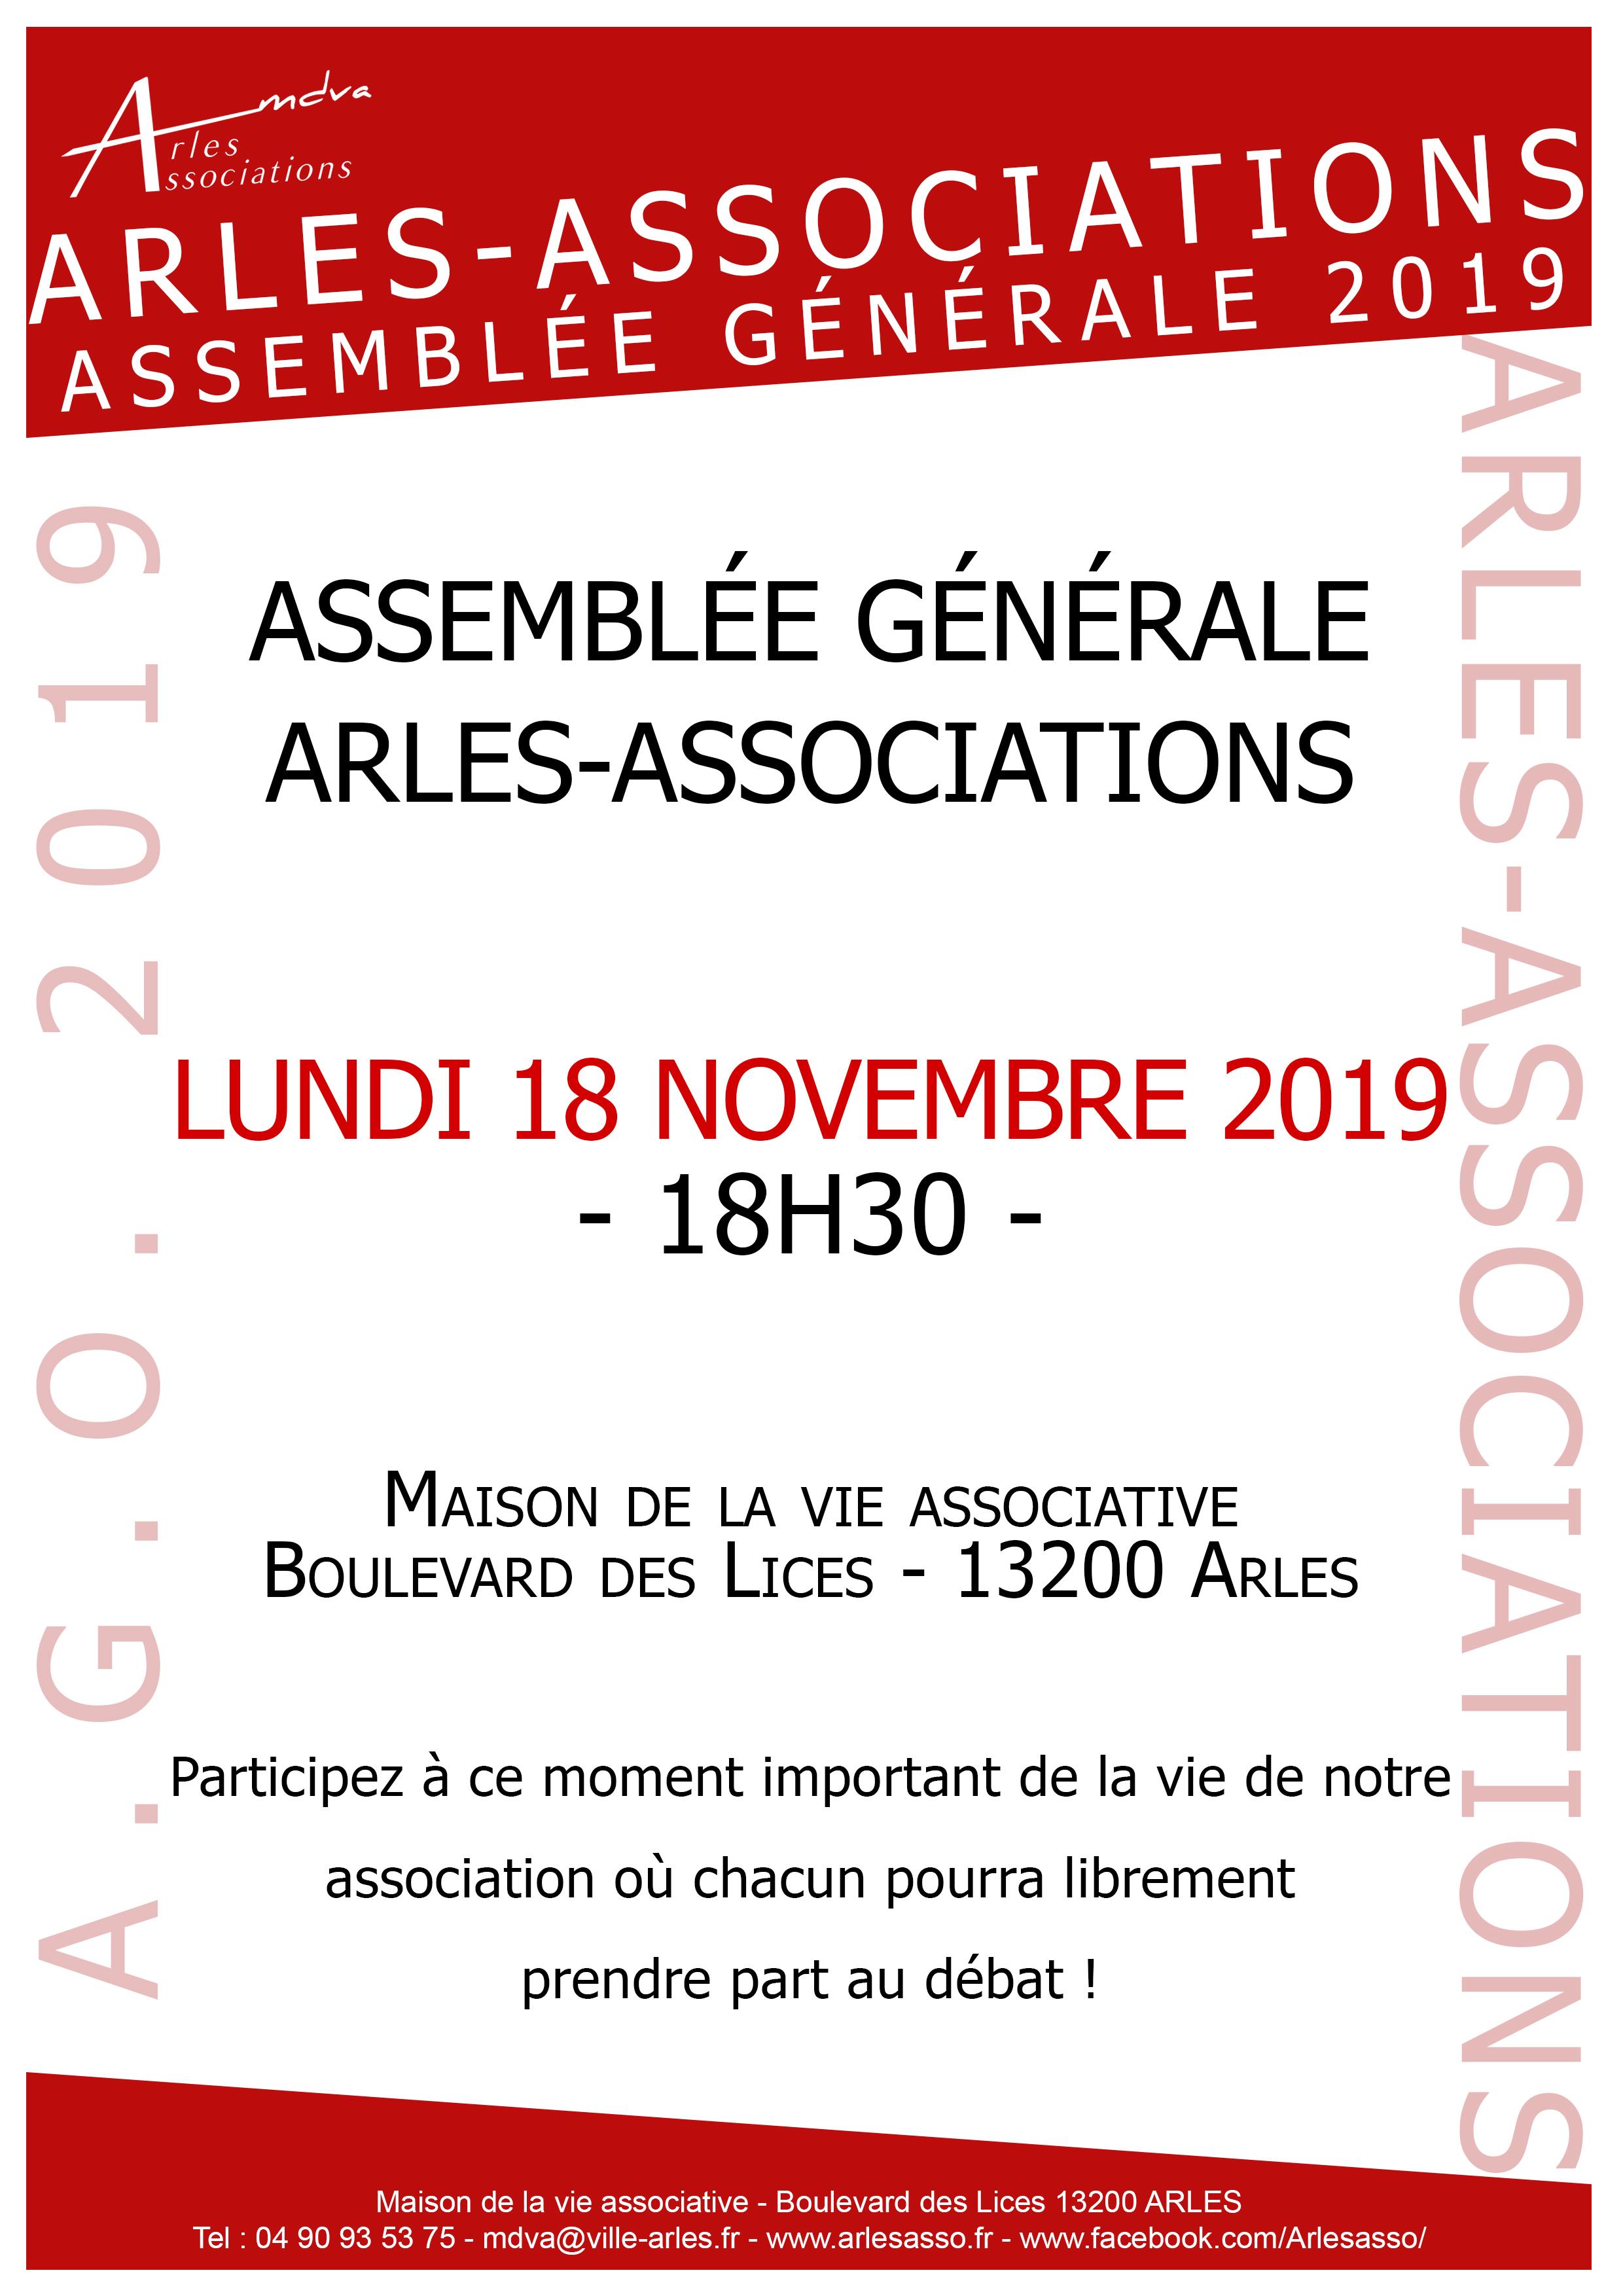 Le lundi 18 Novembre à 18h30 assemblée générale.